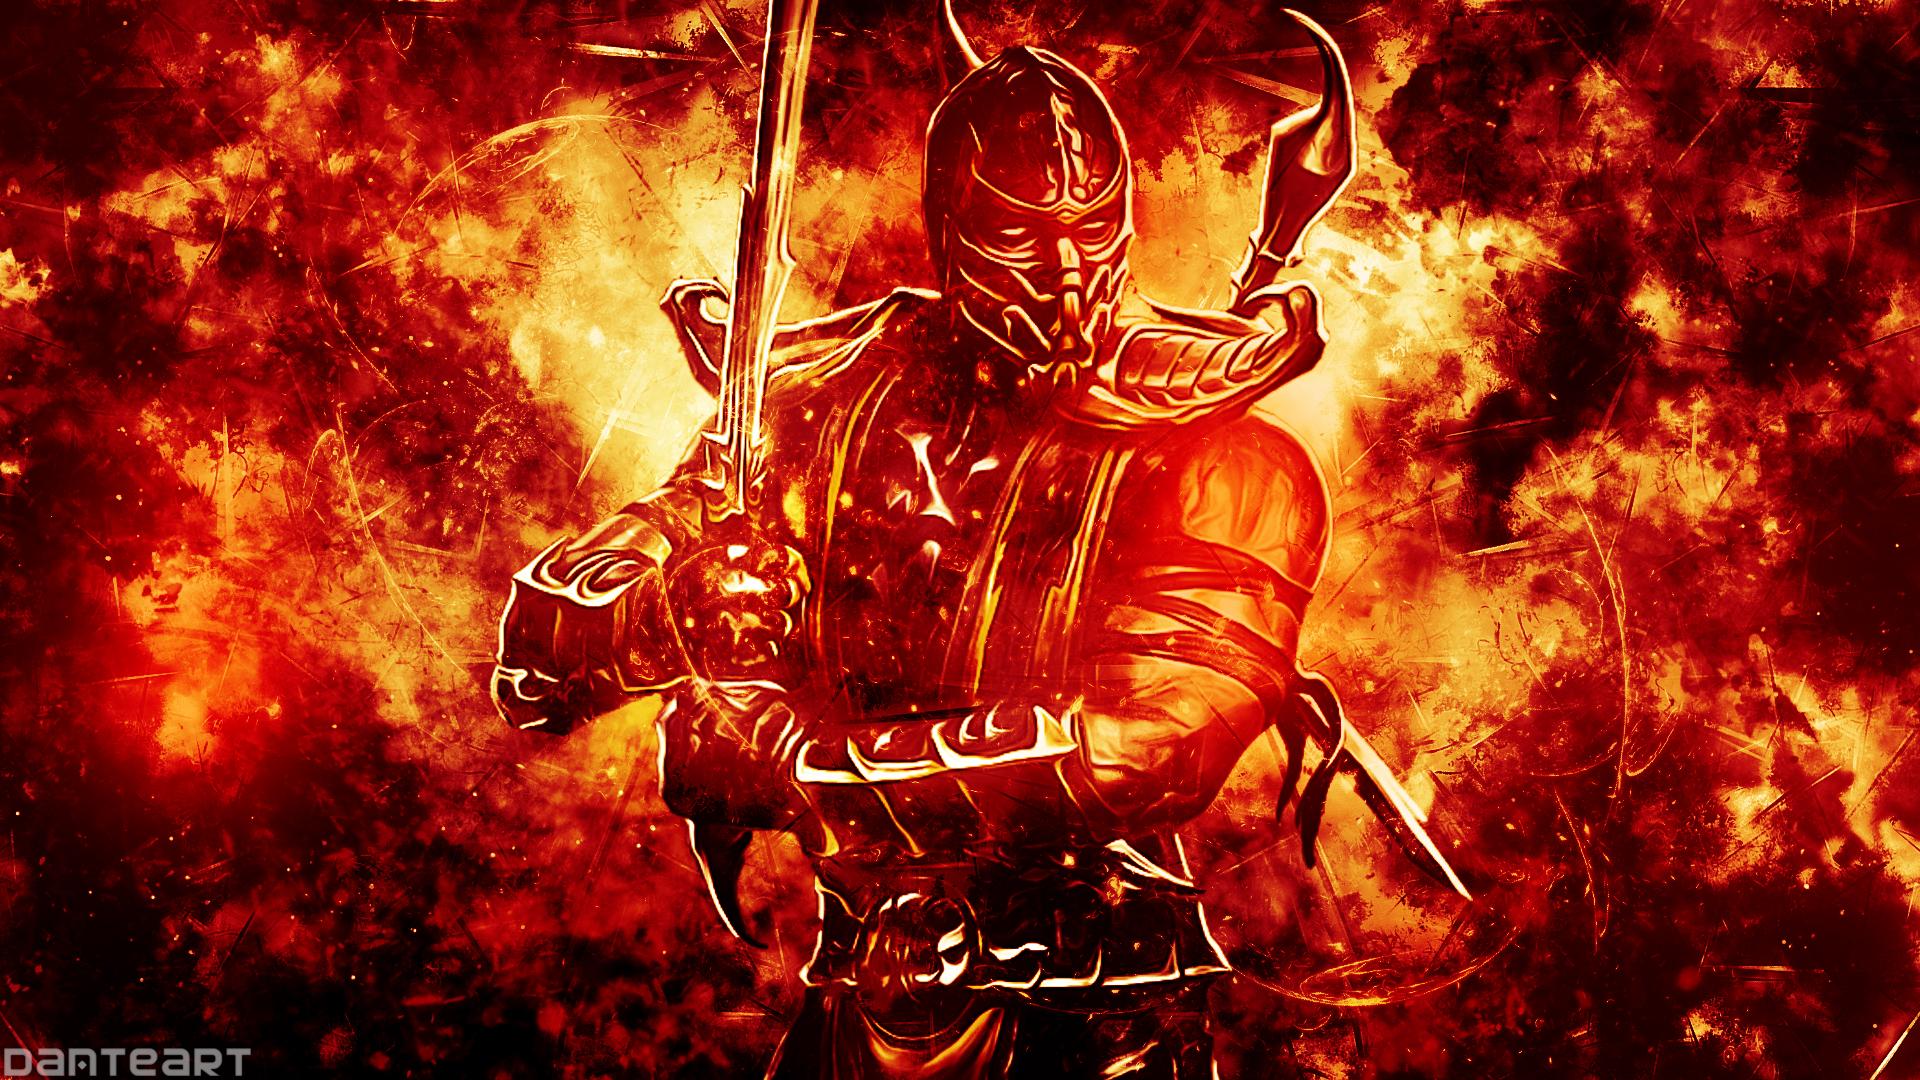 Mortal Kombat Scorpion Wallpaper by DanteArtWallpapers on 1920x1080